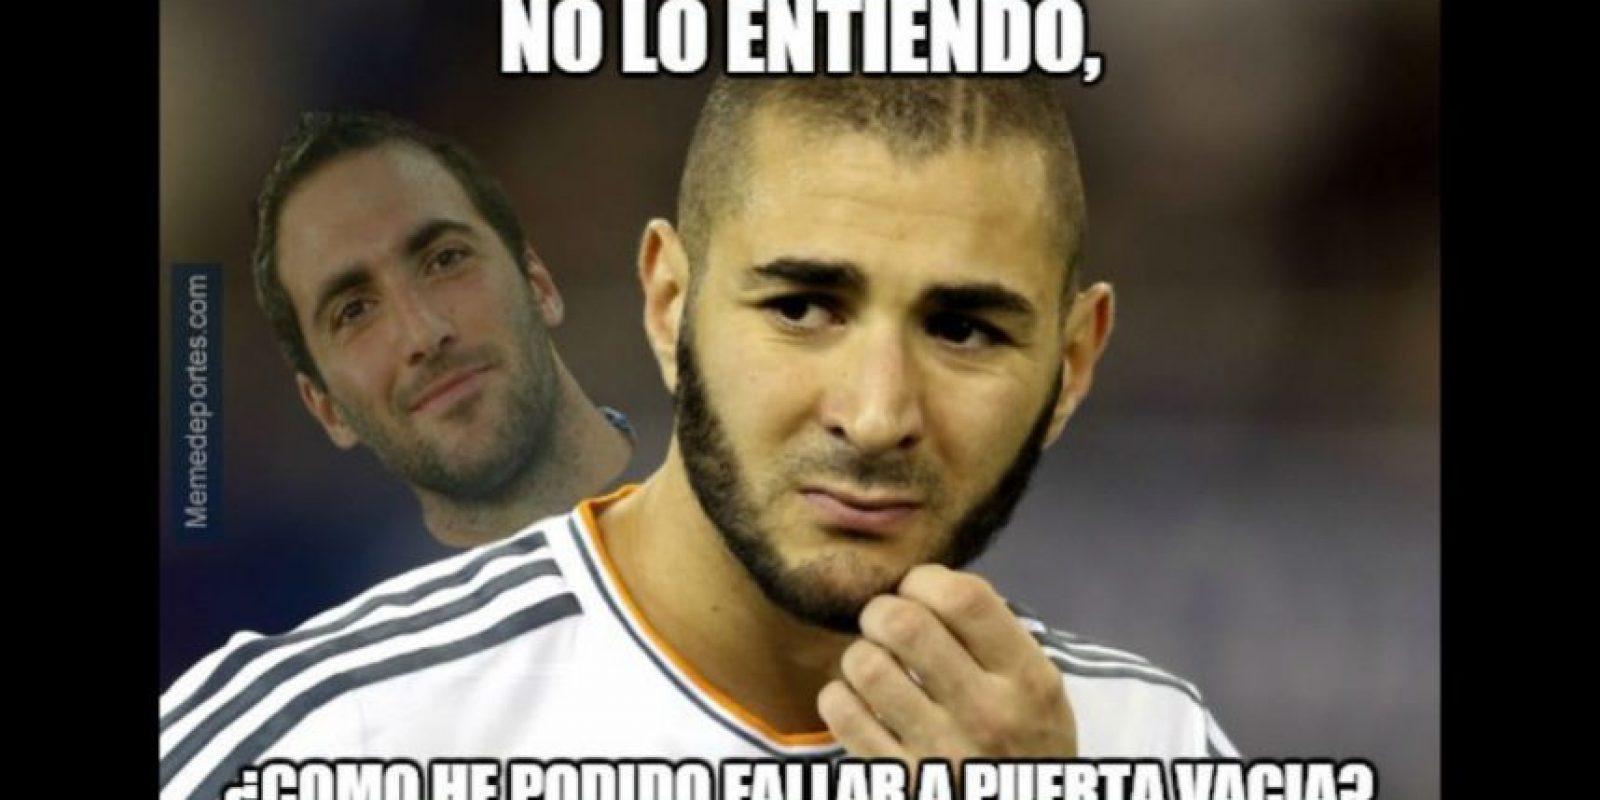 Y Karim Benzema por una falla increíble frente a la portería. Foto:memedeportes.com